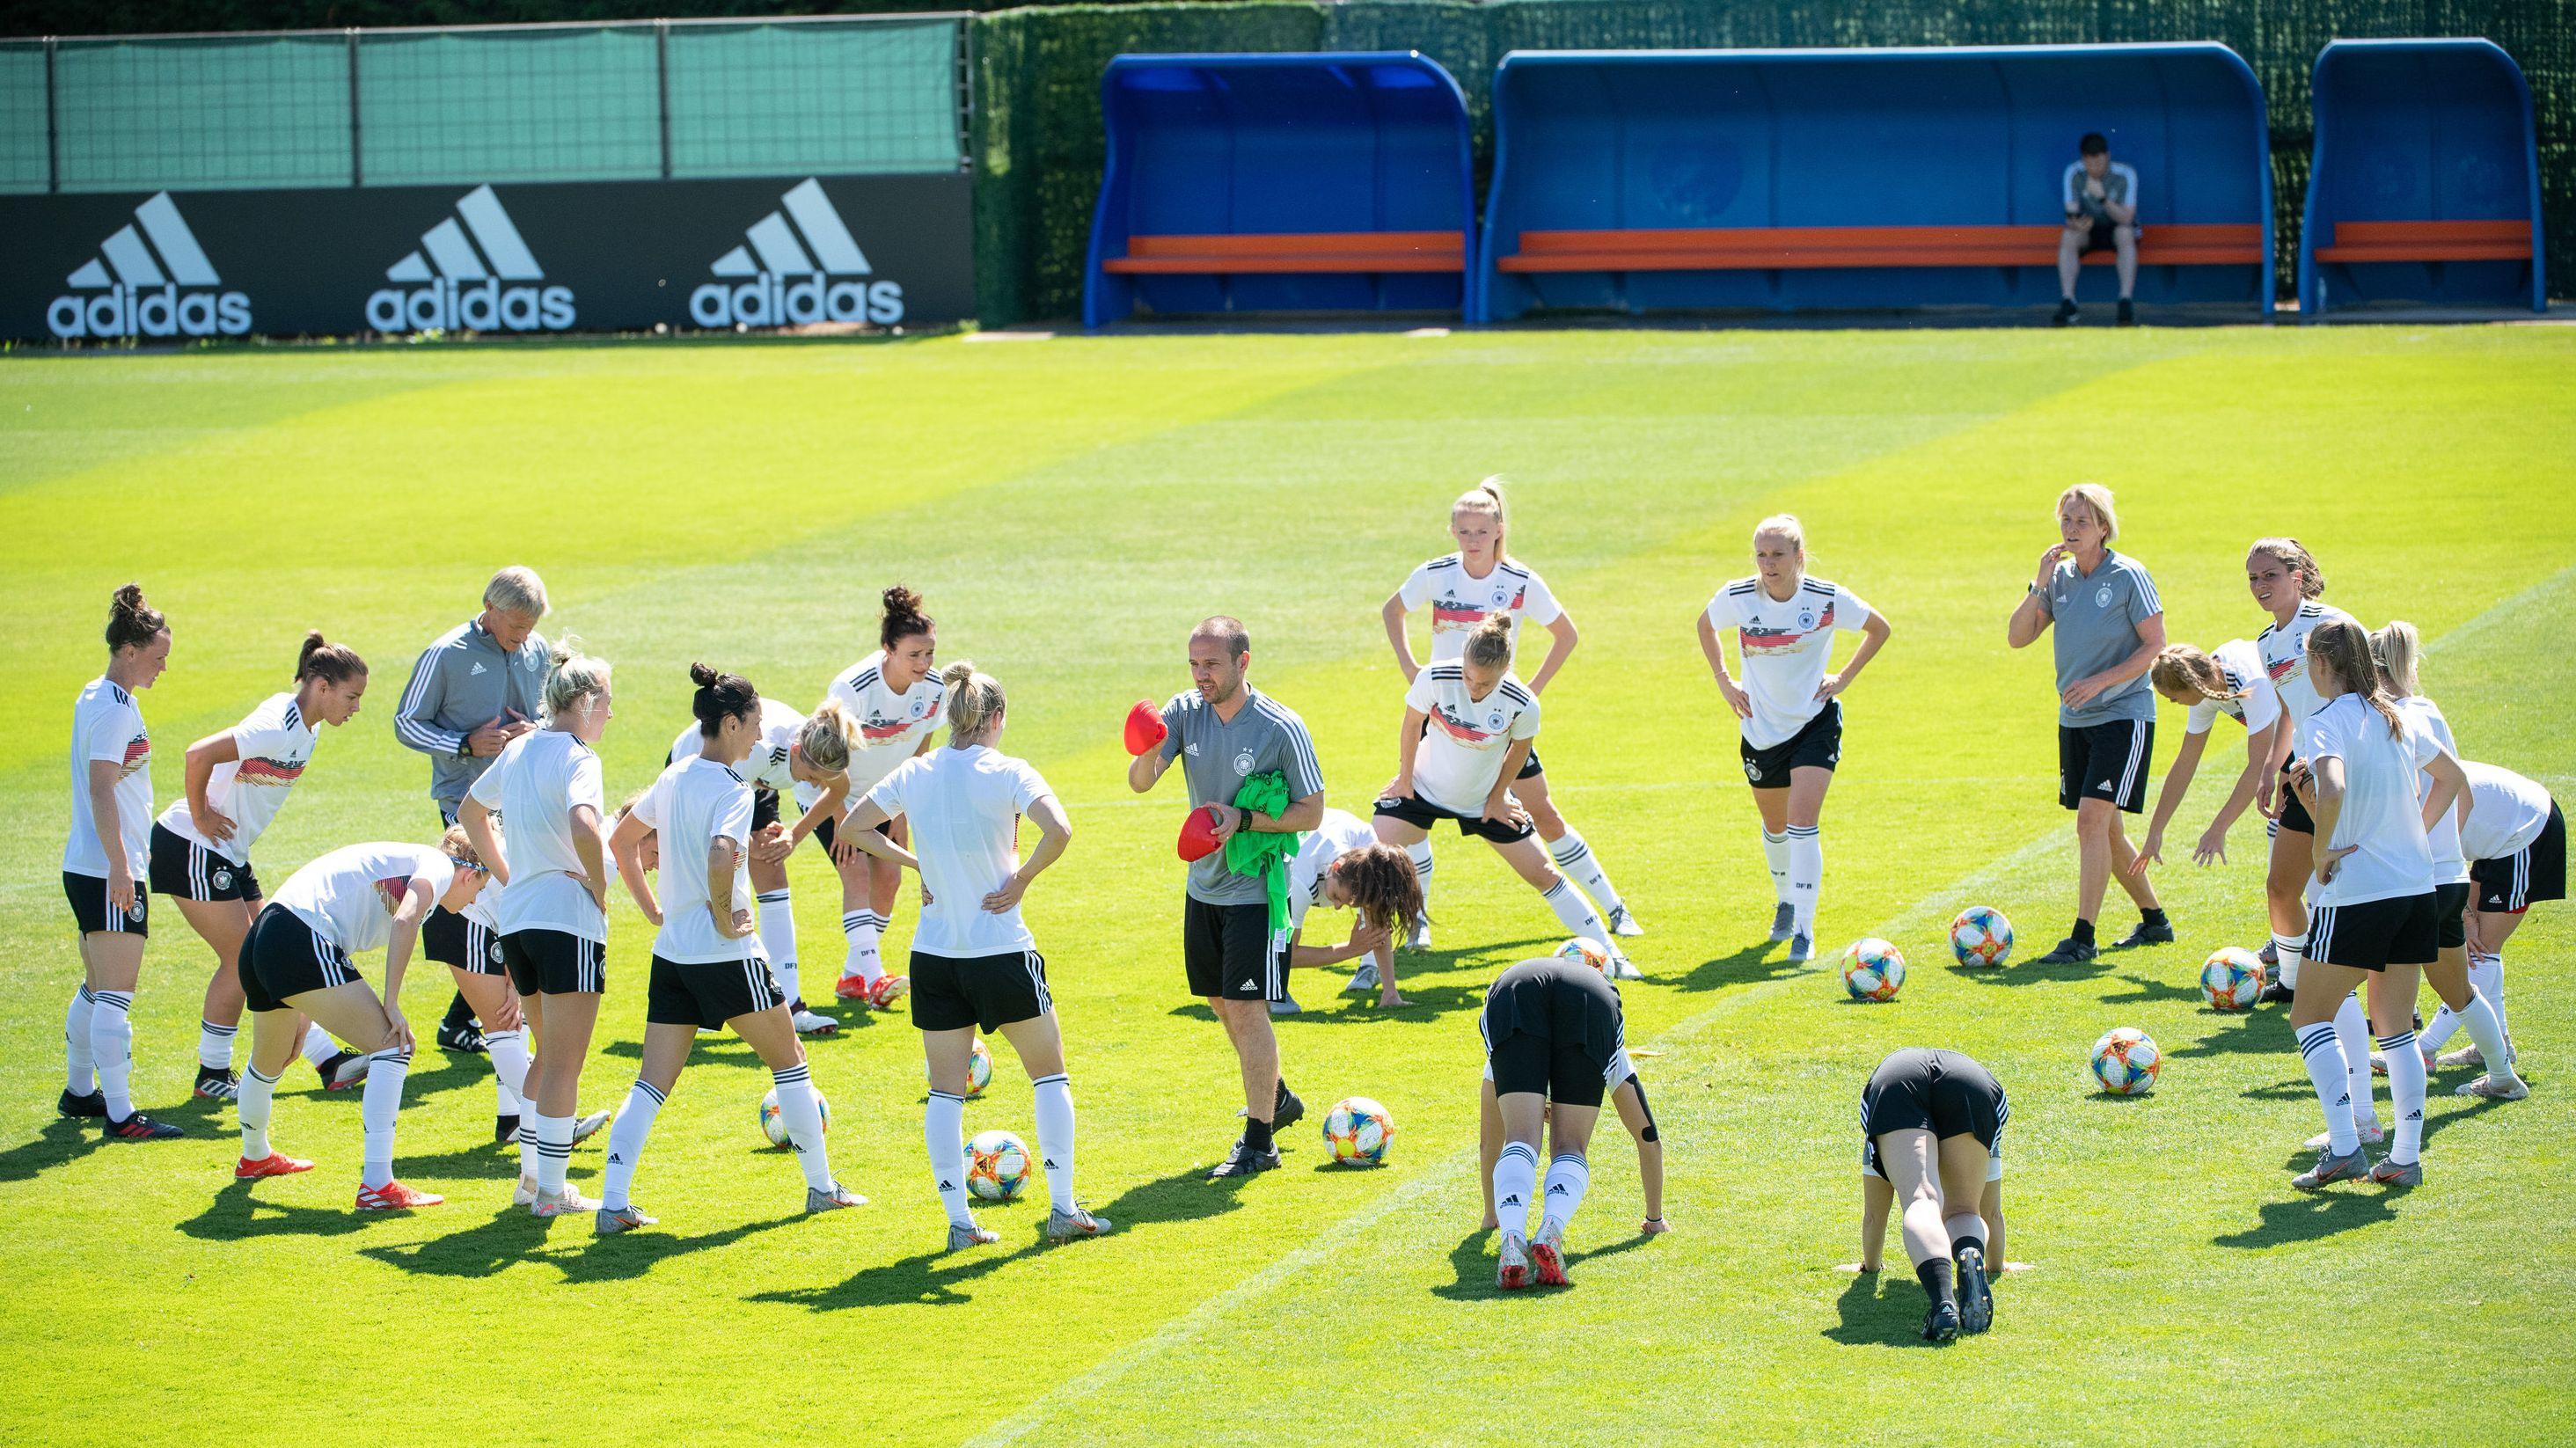 Frauenfußball-WM: Deutsche Nationalmannschaft beim Abschlusstraining